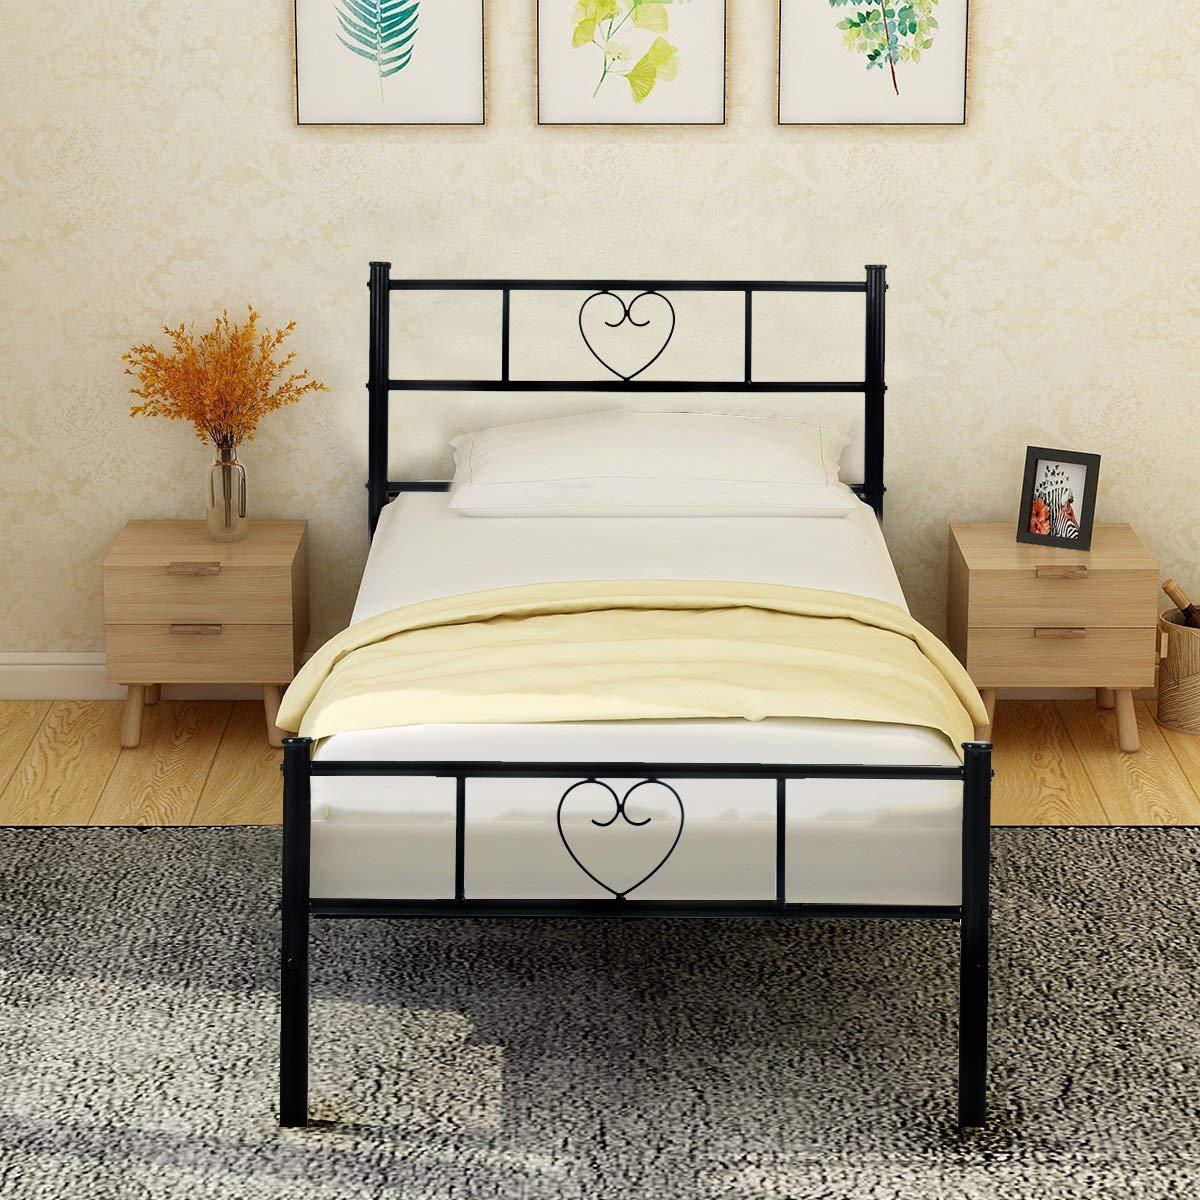 38def47f73 Aingoo Lit Cadre de Lit Simple Solid avec Un Grand Espace de Rangement pour  Les Enfants